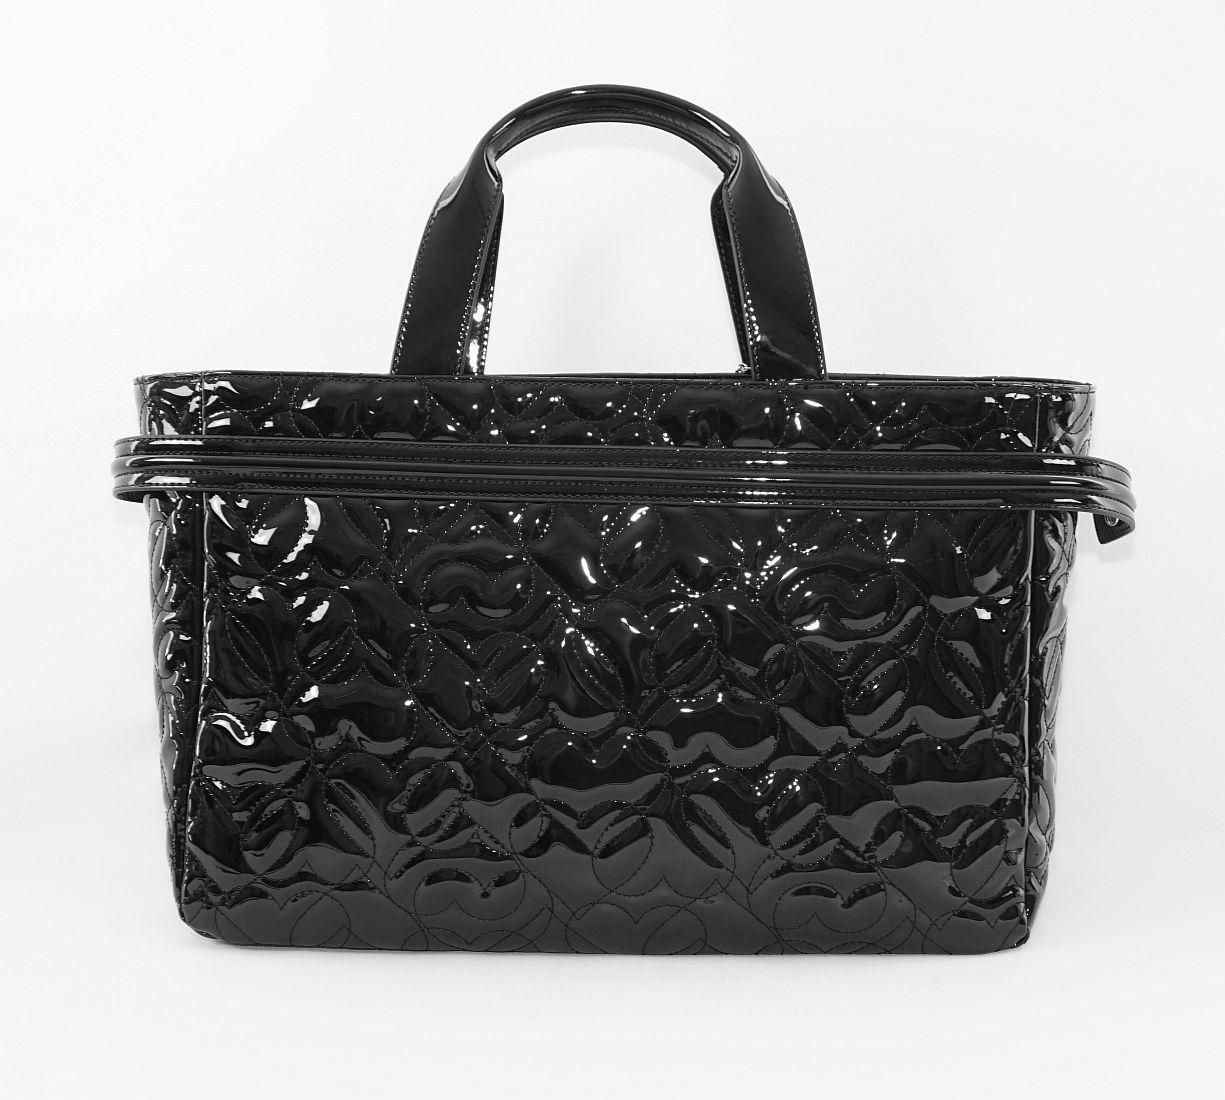 Armani Jeans Tasche Handtasche f. Damen 922591 6A752 00020 Nero HW16-AJn